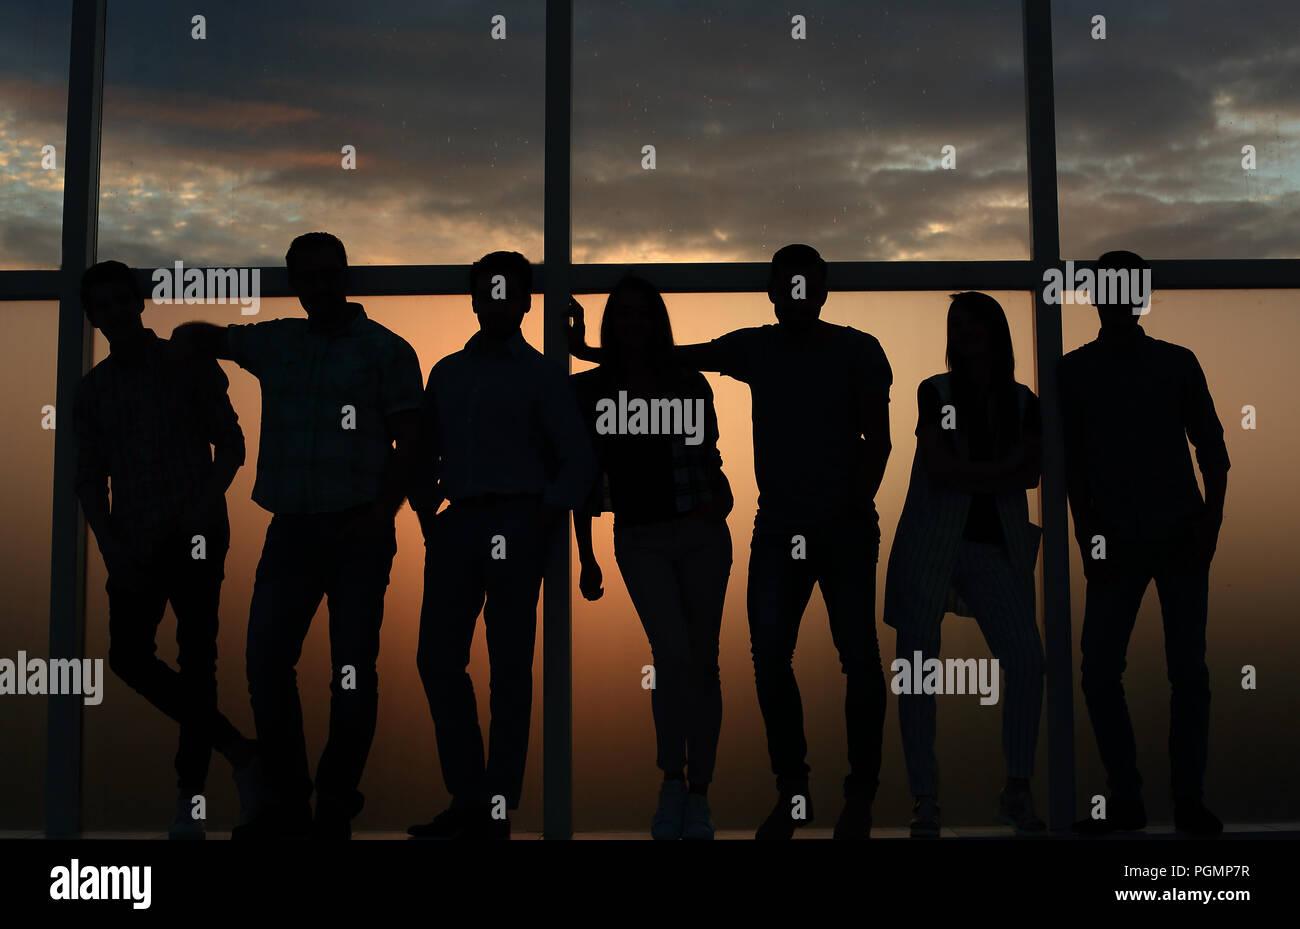 Business team standing près de la fenêtre, le soir, sombre Photo Stock